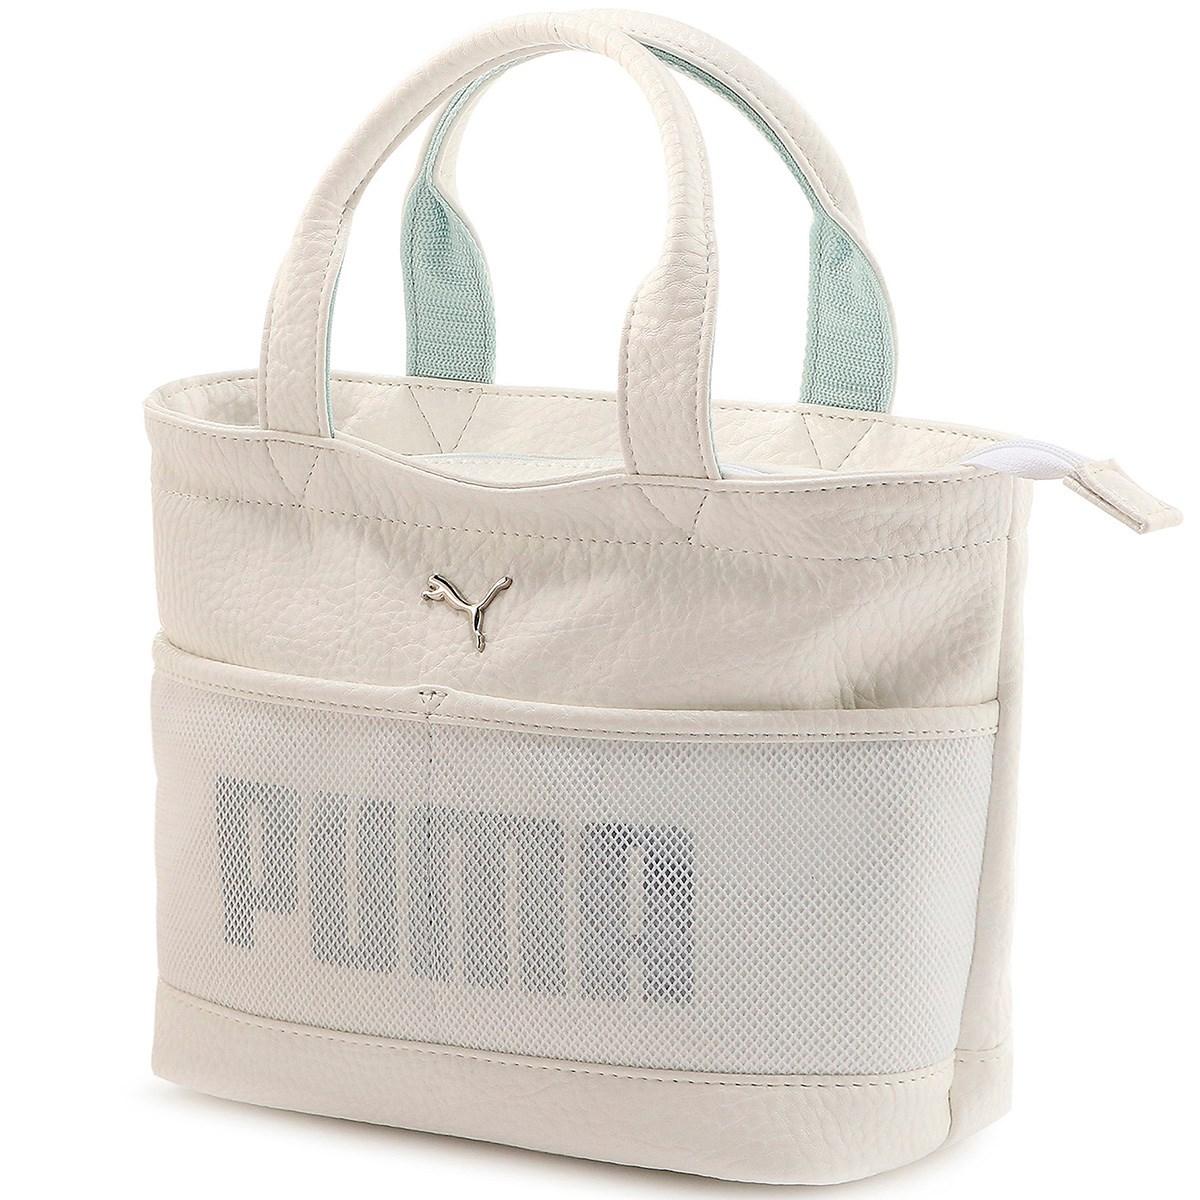 プーマ(PUMA) ケージ ラウンドバッグ